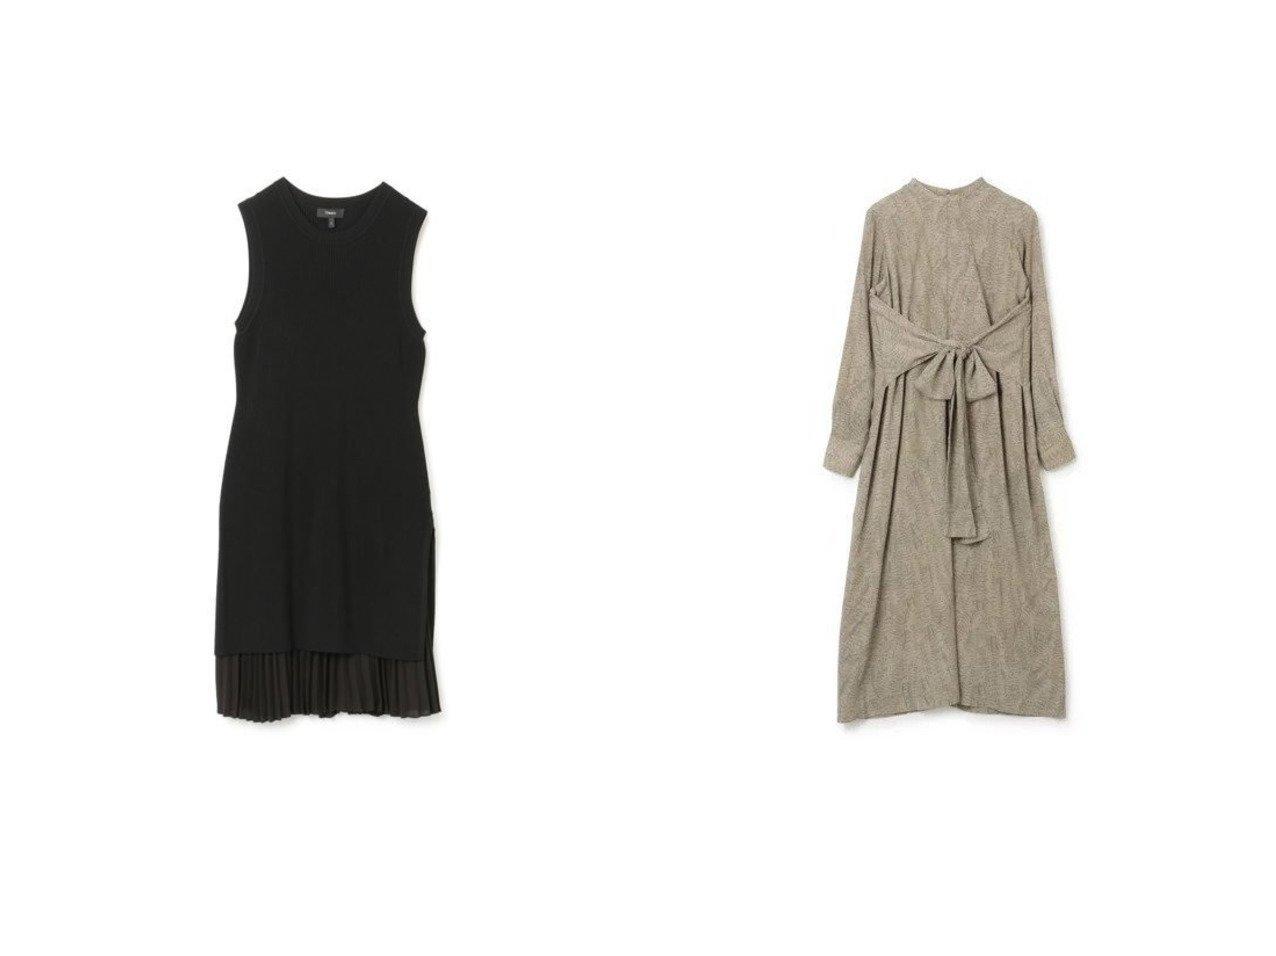 【theory/セオリー】のPOLY CHIFFON CMB SL SWEAT&【CLANE/クラネ】のWAIST RIBBON PYTHON ONE PIECE ワンピース・ドレスのおすすめ!人気、トレンド・レディースファッションの通販  おすすめで人気の流行・トレンド、ファッションの通販商品 メンズファッション・キッズファッション・インテリア・家具・レディースファッション・服の通販 founy(ファニー) https://founy.com/ ファッション Fashion レディースファッション WOMEN ワンピース Dress ドレス Party Dresses シャツワンピース Shirt Dresses 2021年 2021 2021 春夏 S/S SS Spring/Summer 2021 S/S 春夏 SS Spring/Summer インナー エレガント ドレス ノースリーブ フォーマル プリーツ ラグジュアリー パイソン フェミニン リボン リュクス ロング 長袖 |ID:crp329100000022763